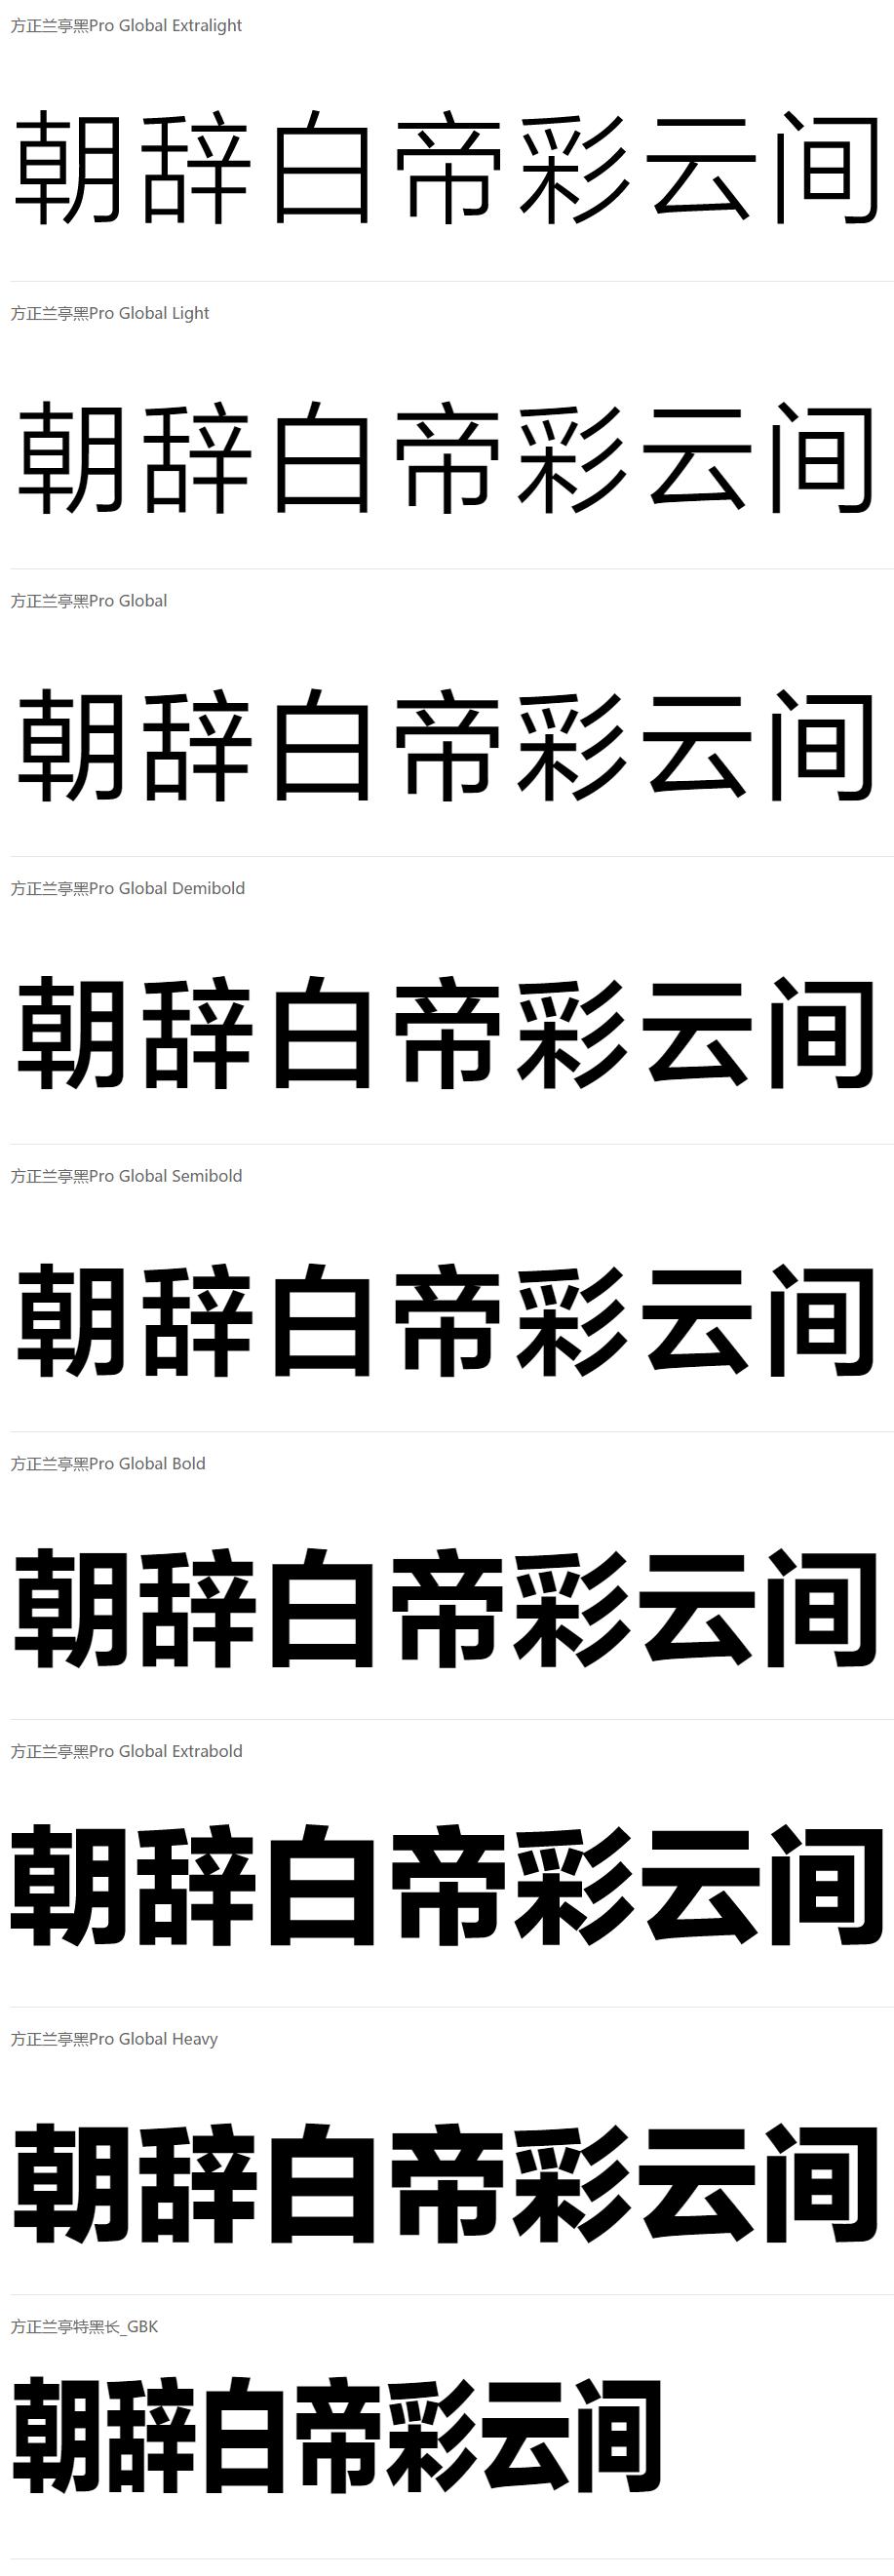 方正兰亭系列打包下载